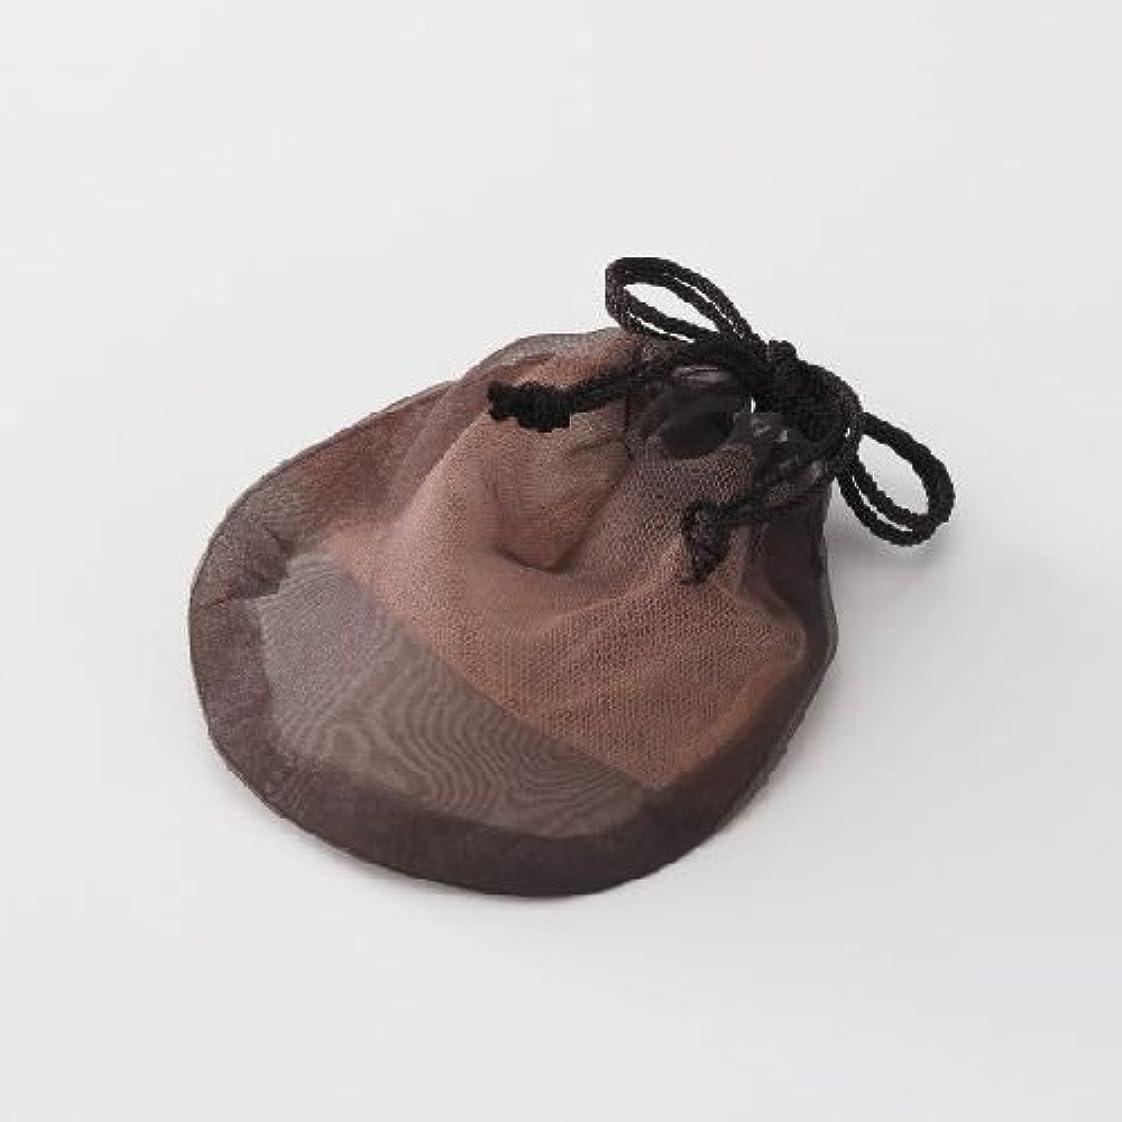 カカドゥヒューバートハドソン毛布ピギーバックス ソープネット 瞬時にマシュマロのようなお肌に負担をかけないキメ細かな泡をつくることができるオシャレなポーチ型オリジナル【泡だてネット】!衛生的に固形石鹸の保存もできます。